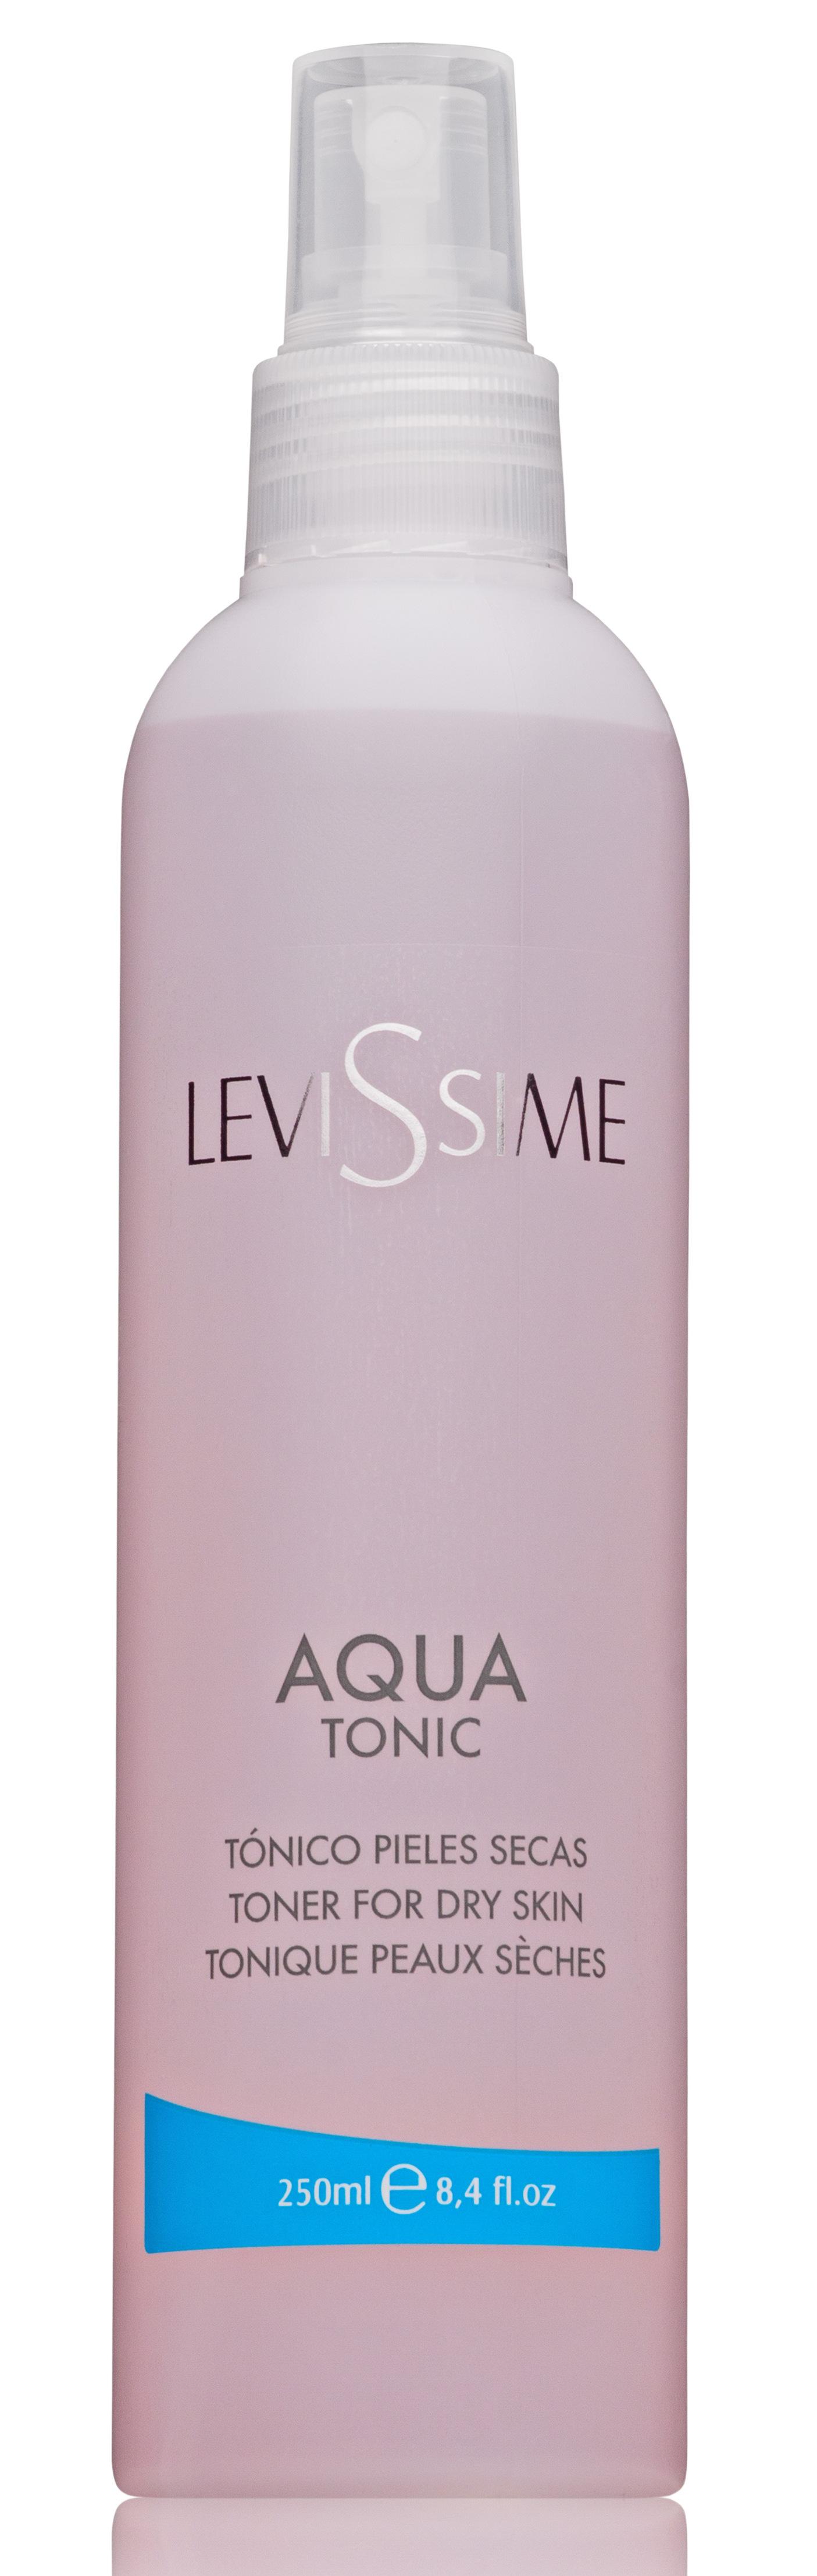 LEVISSIME Тоник увлажняющий / Aqua Tonic 250 мл - Тоники